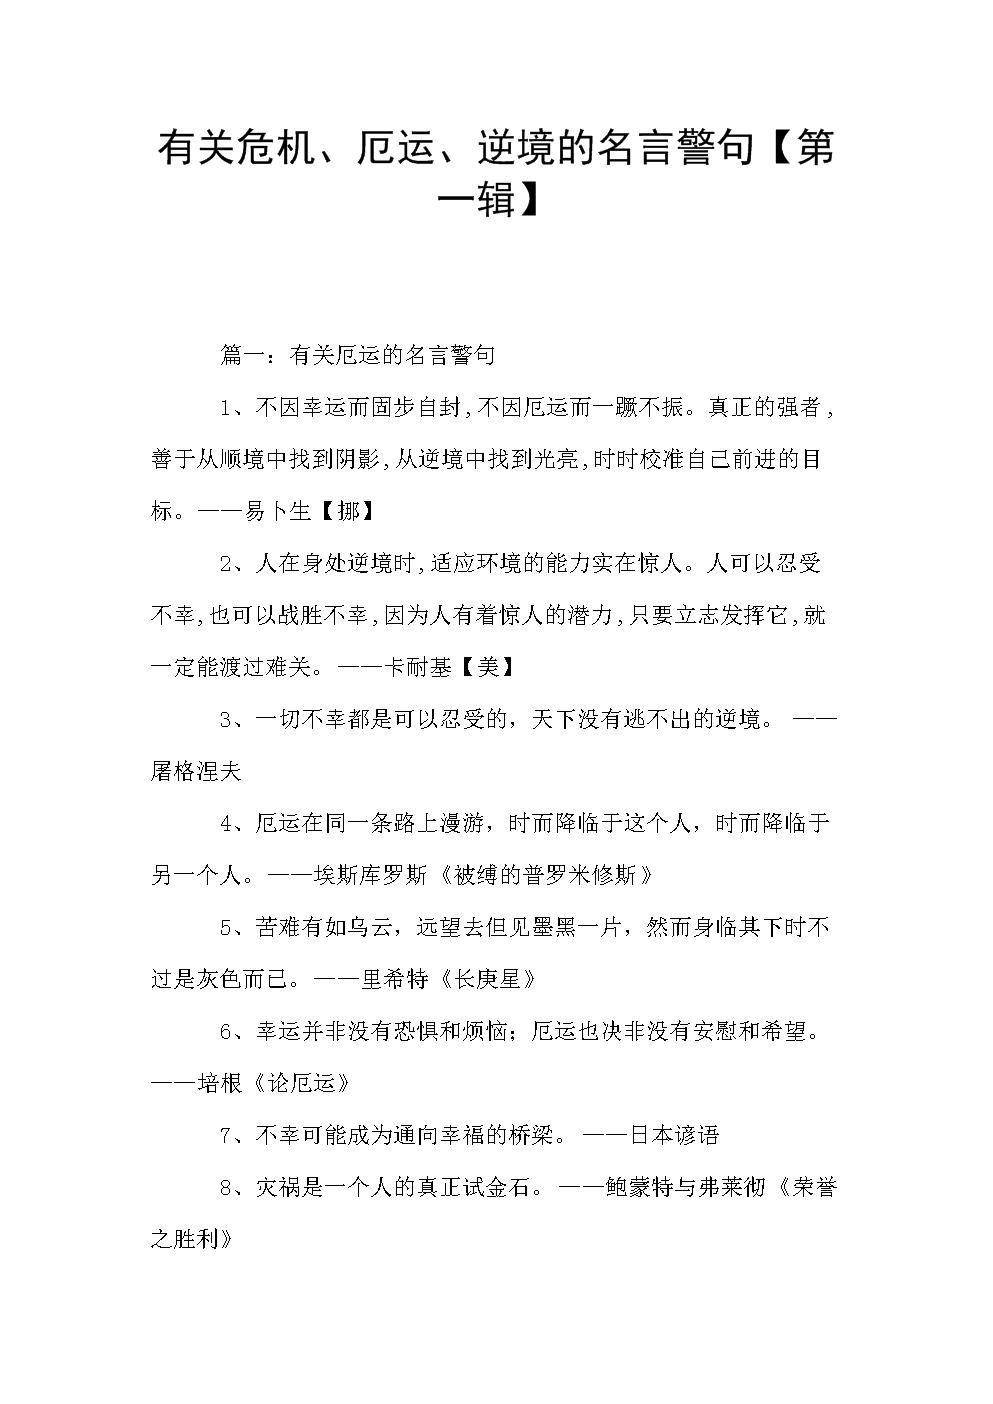 有关危机、厄运、逆境的名言警句【第一辑】.doc